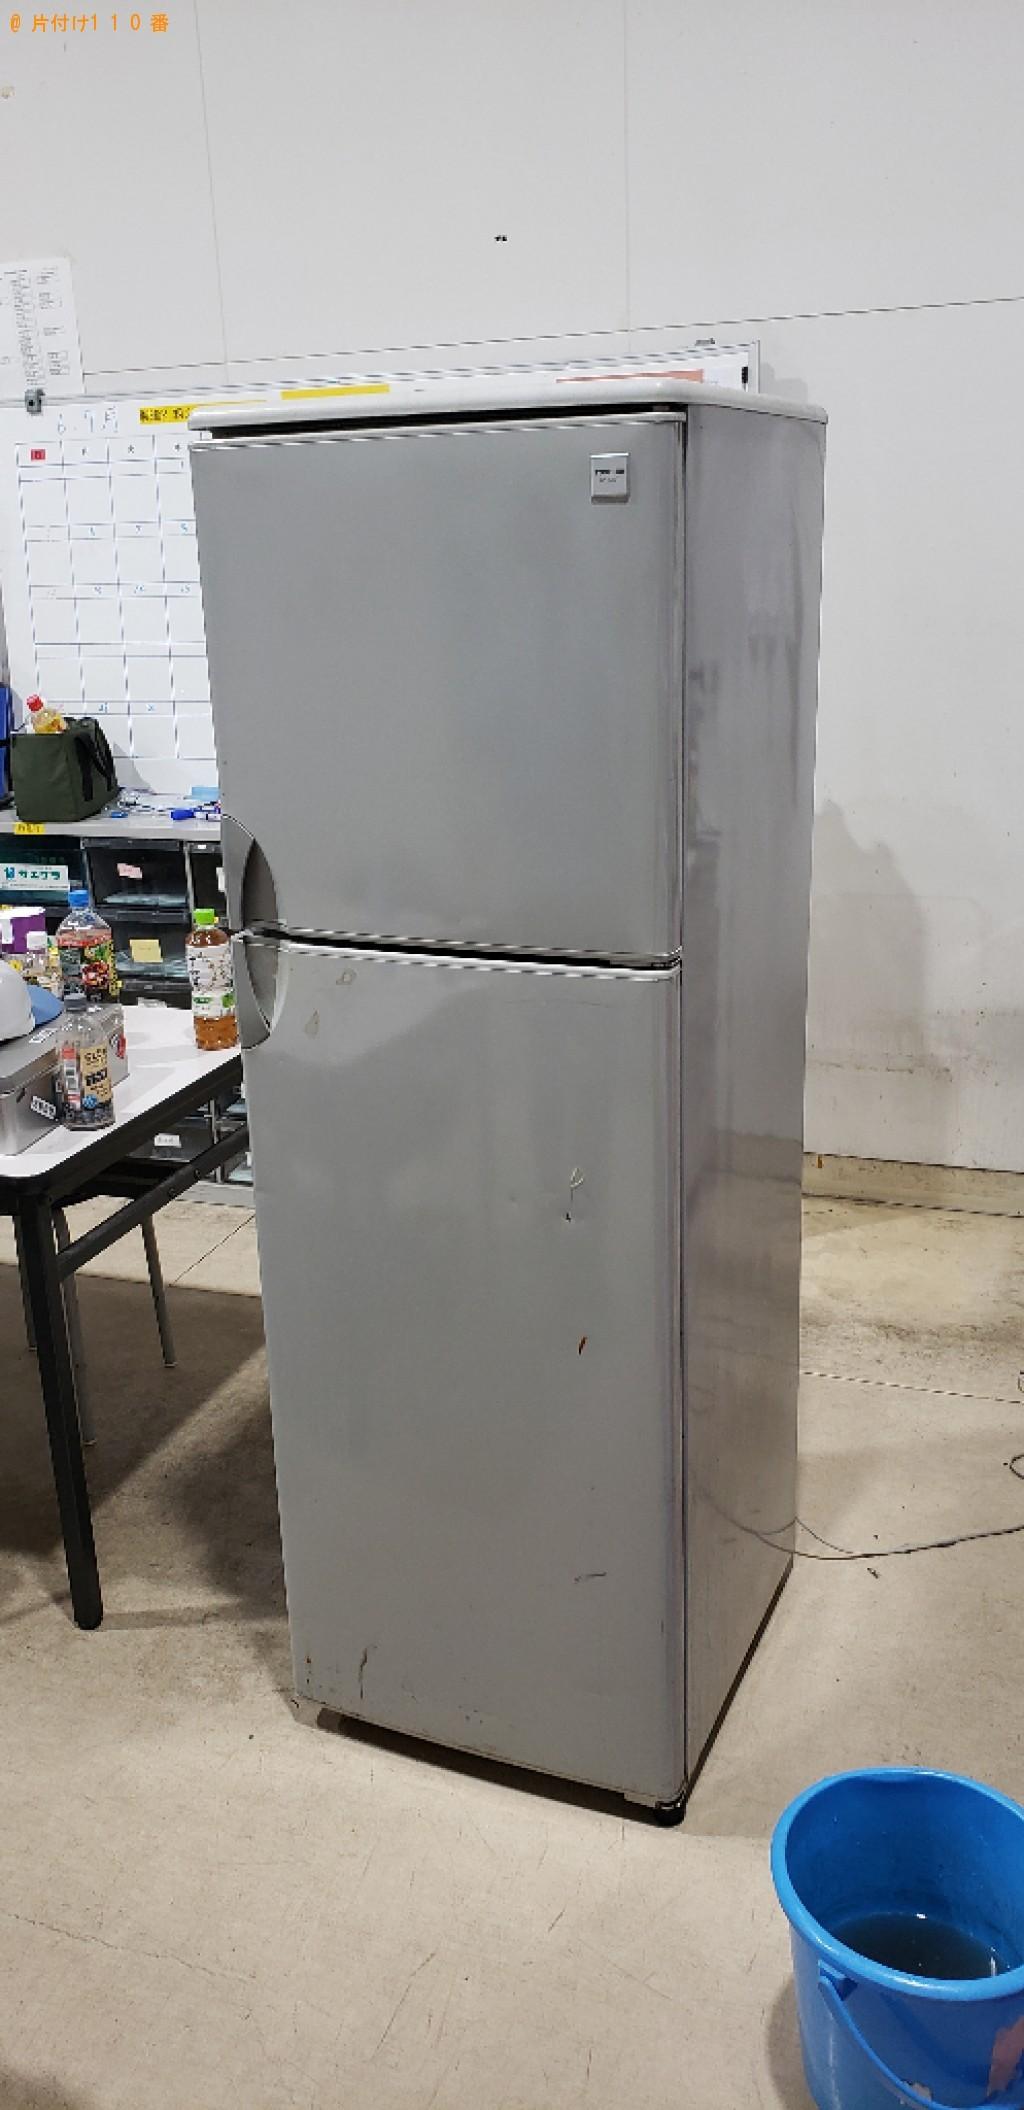 【北九州市】冷蔵庫の回収・処分ご依頼 お客様の声